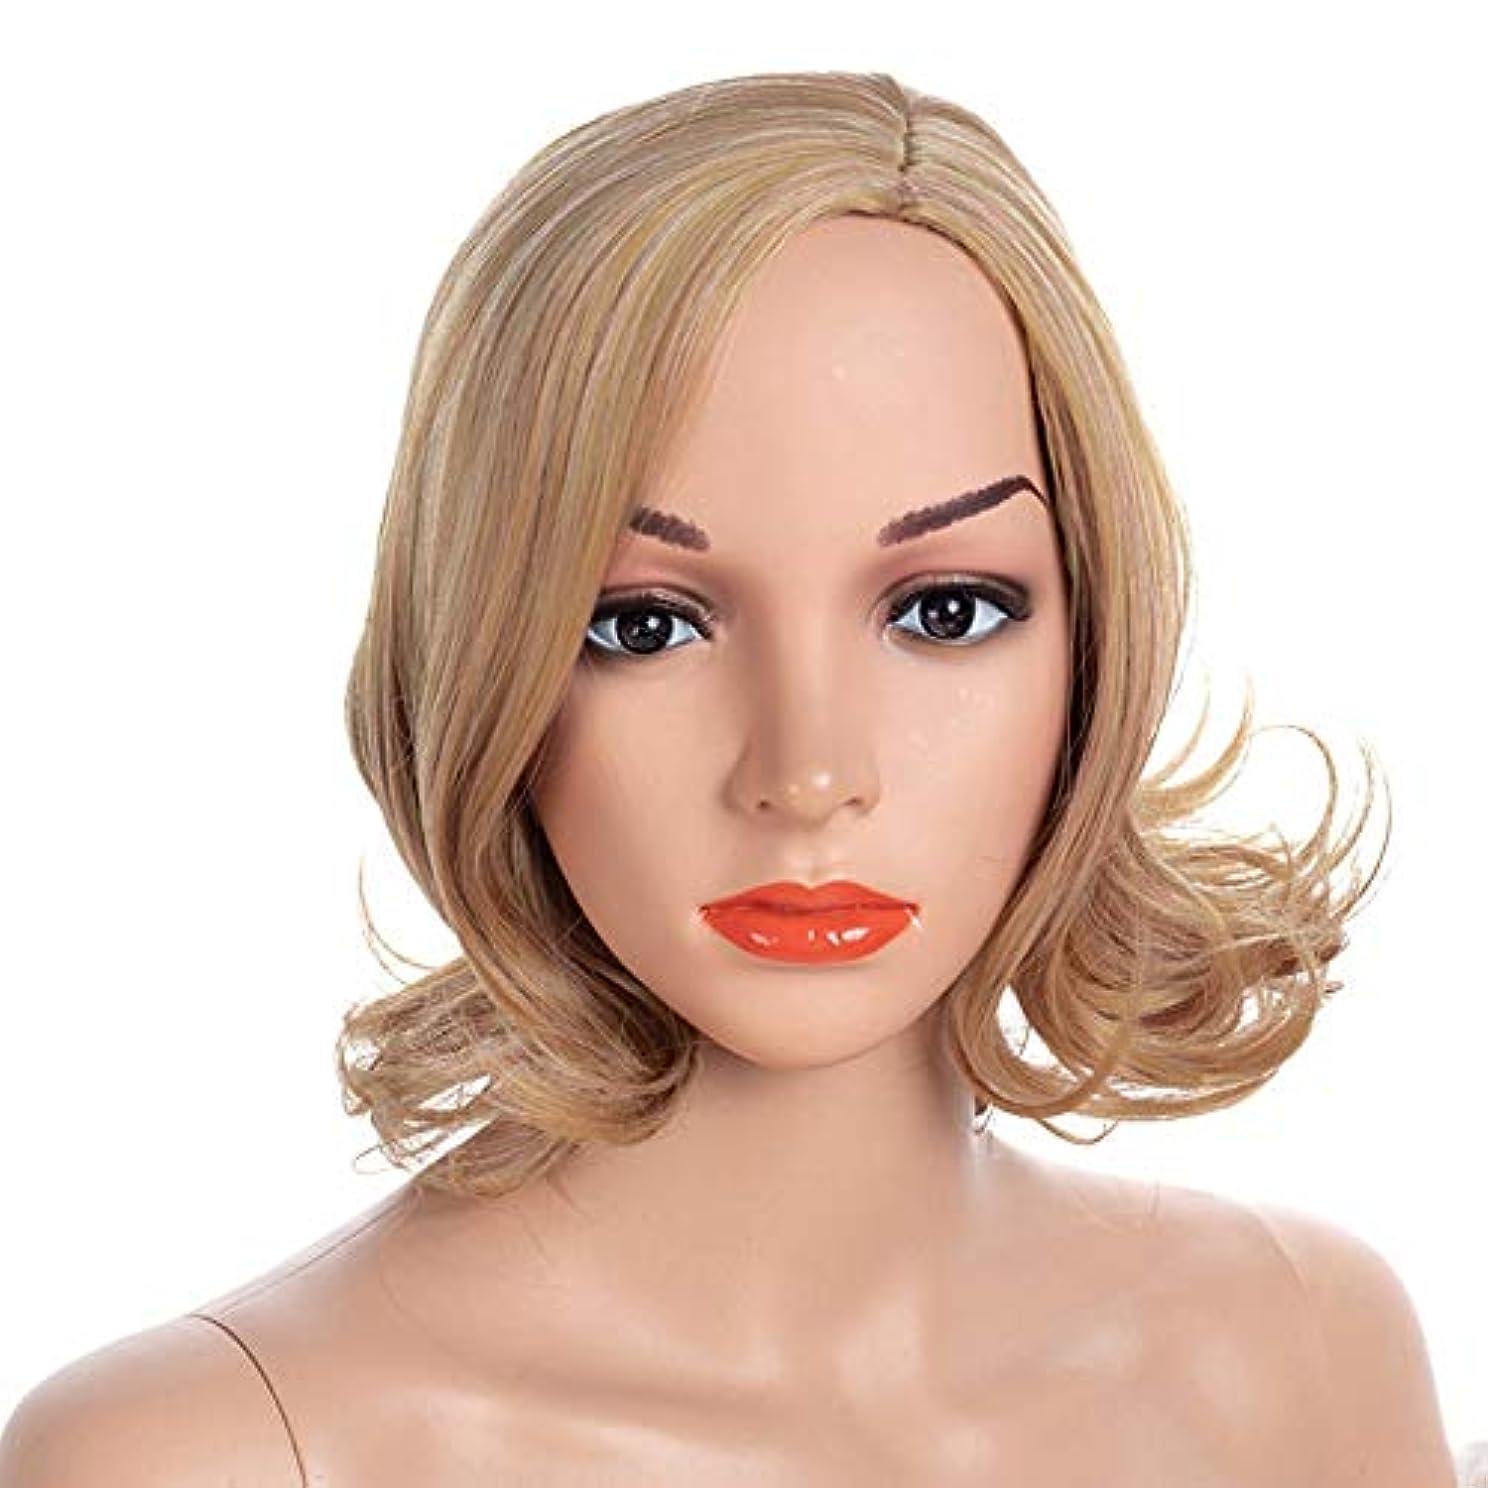 アブセイ観察休日WASAIO スタイルの交換のための女性の短いカーリーブロンドのかつらムッシービューティーCospalyパーティーアクセサリー (色 : Blonde, サイズ : 40cm)